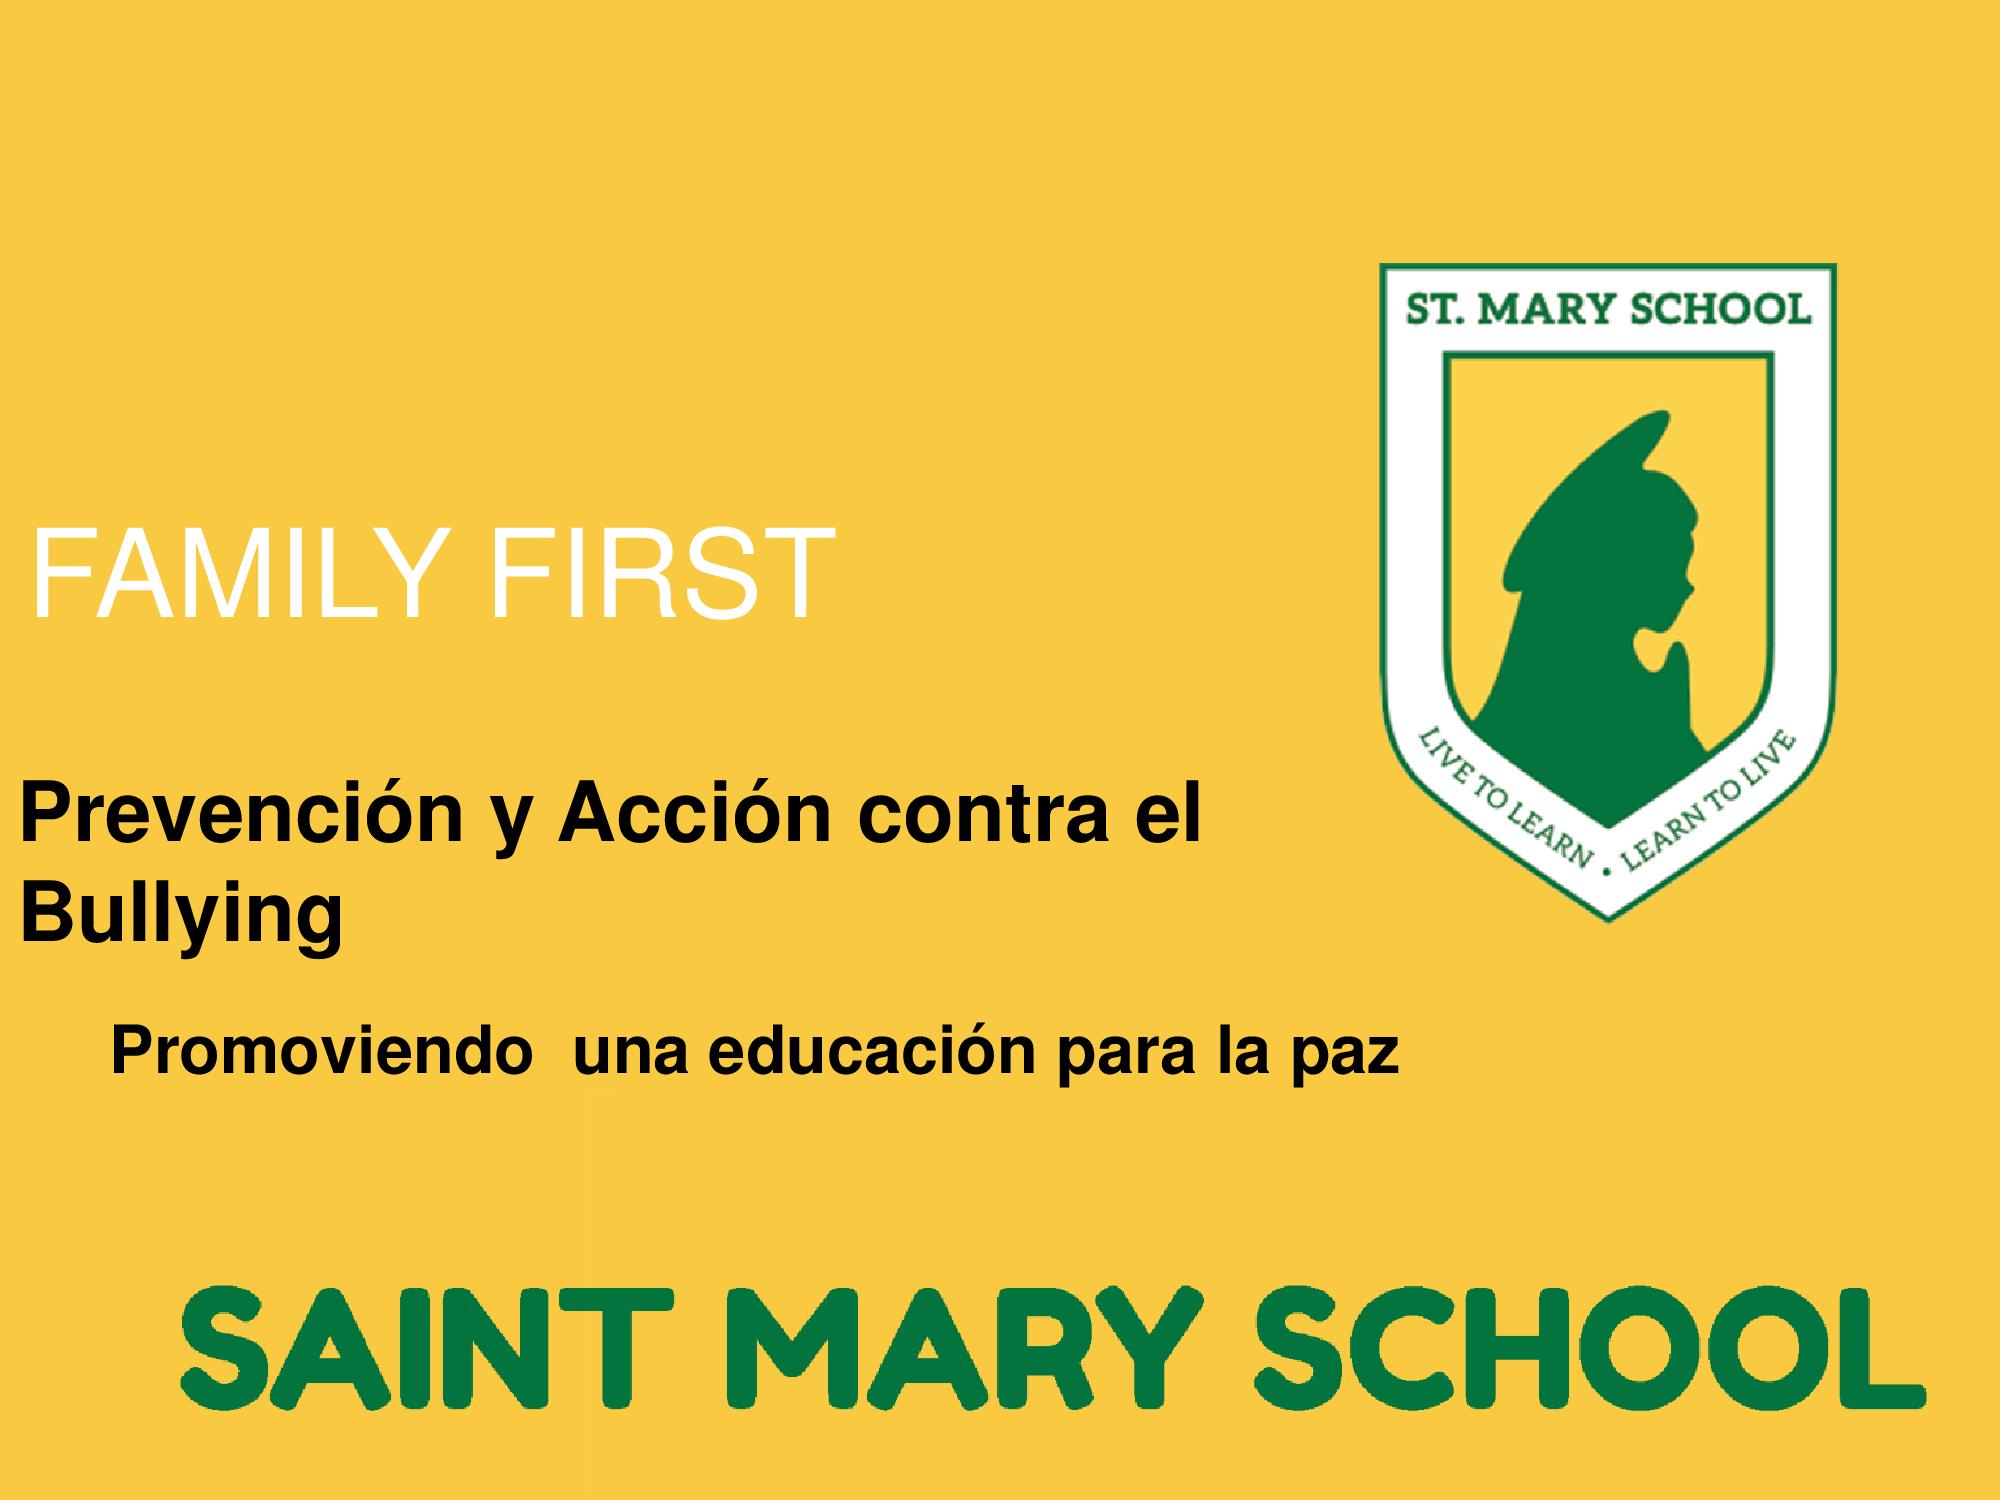 Prevención y Acción contra el Bullying - Saint Mary School